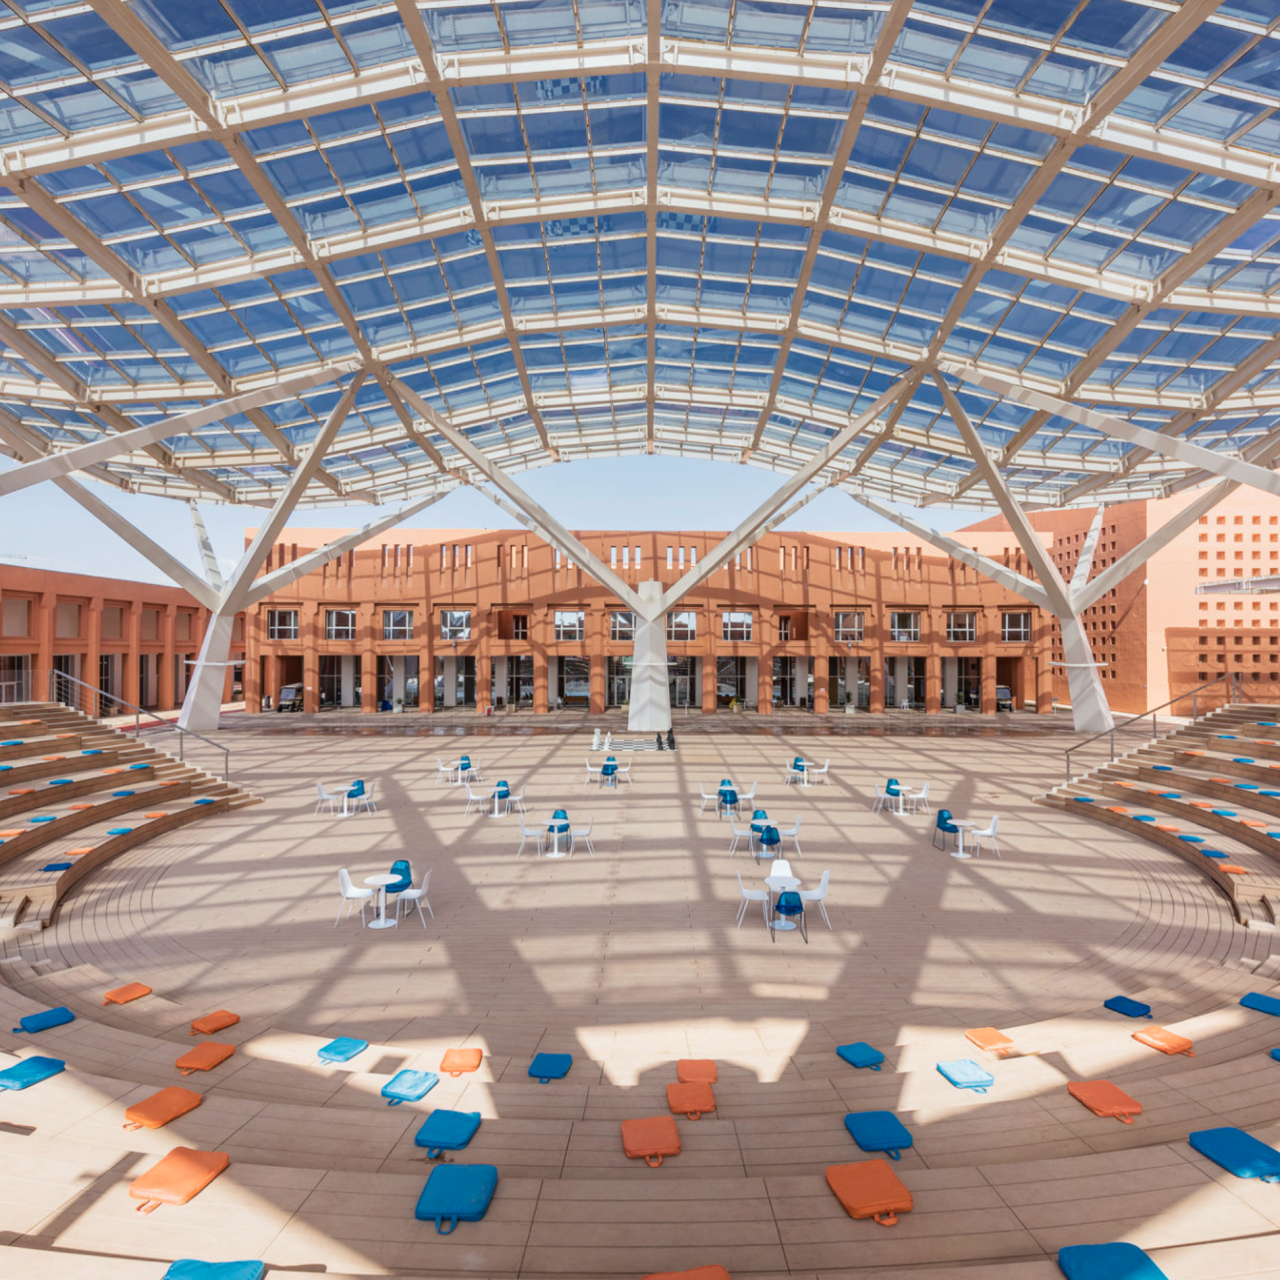 Maroc : Africa Business School lance un programme MBA « 100% Online » pour créer des réseaux et des communautés d'apprentissage de cadres et d'entrepreneurs panafricains